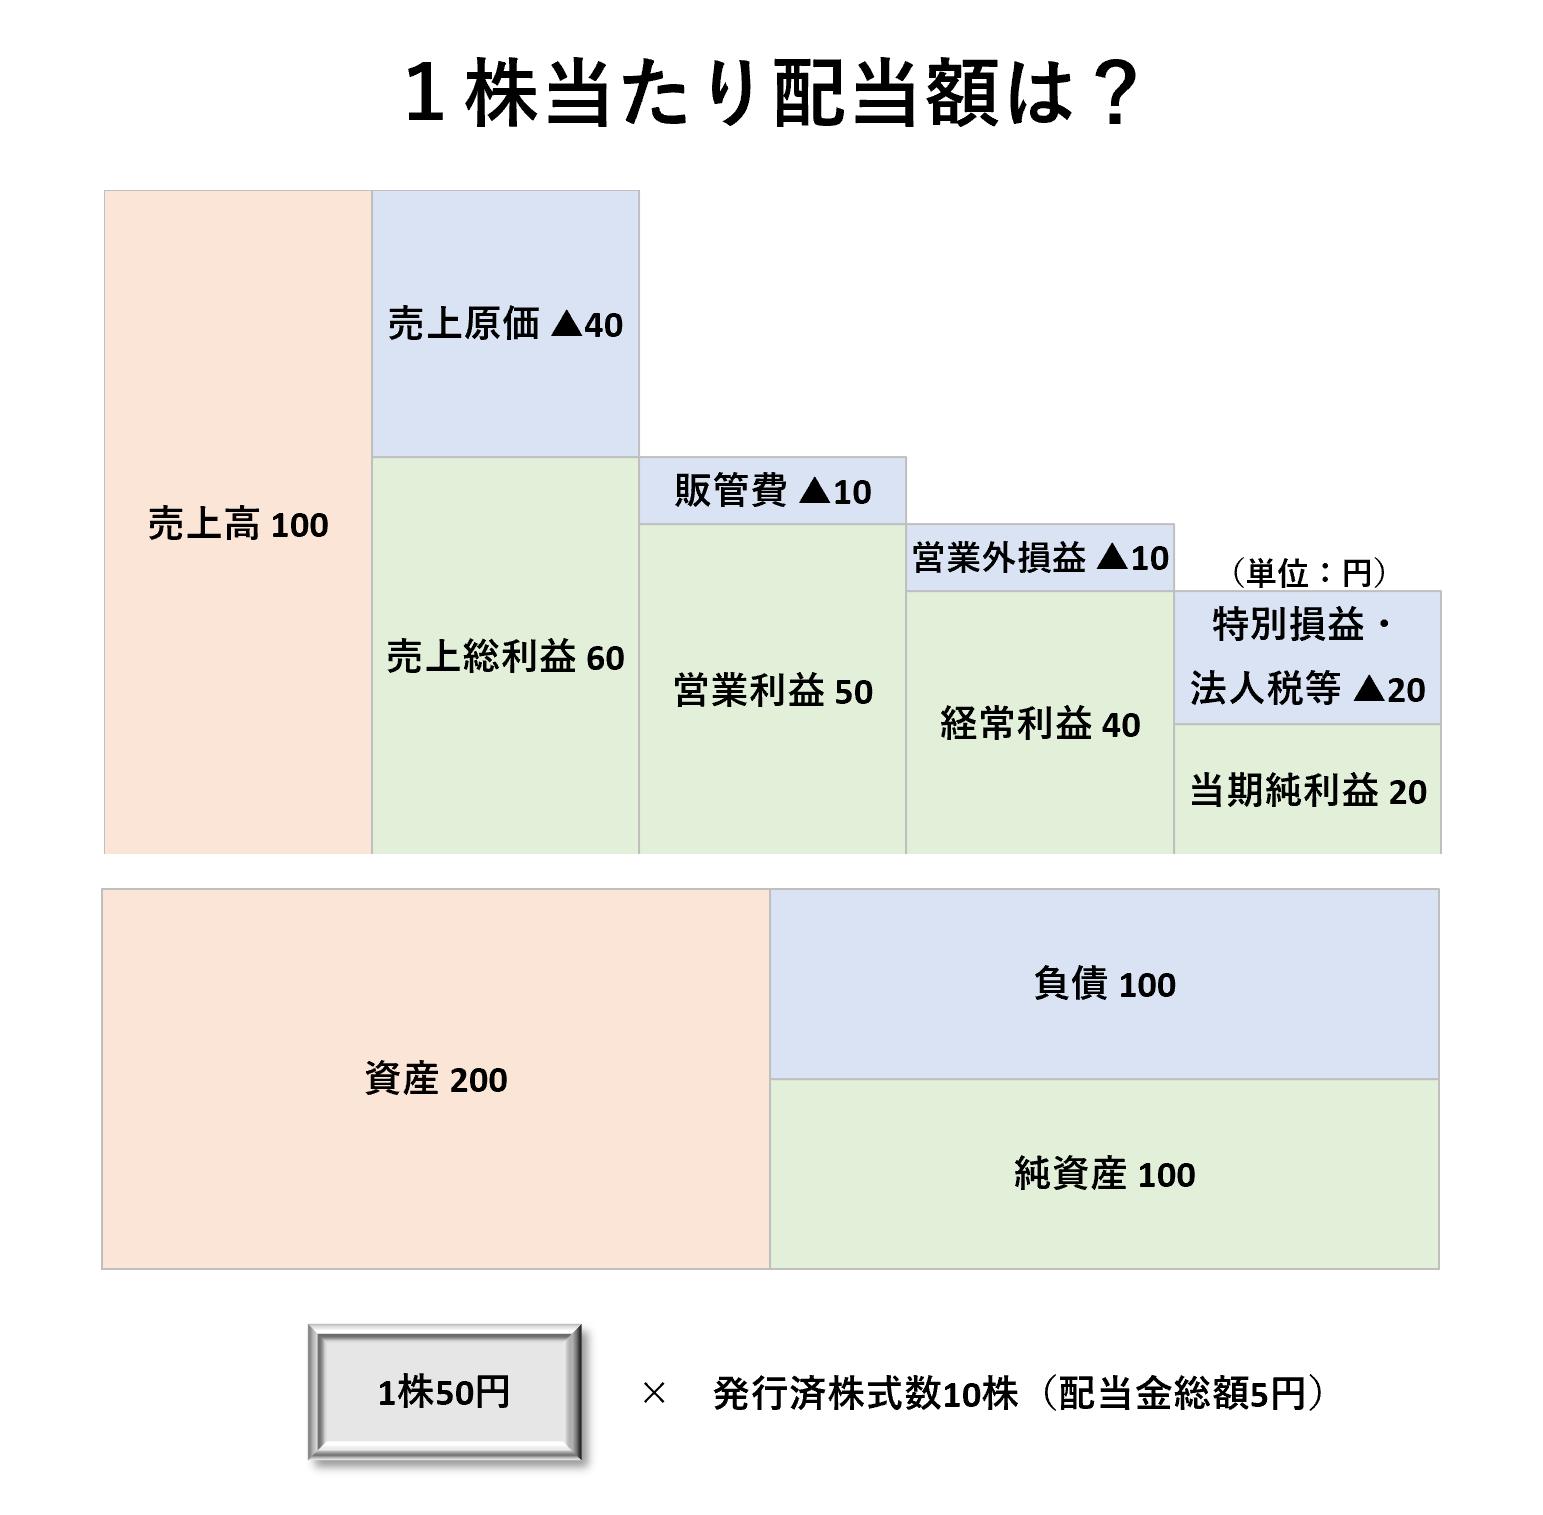 1株当たり分析(2級):1株当たり配当額ー問題